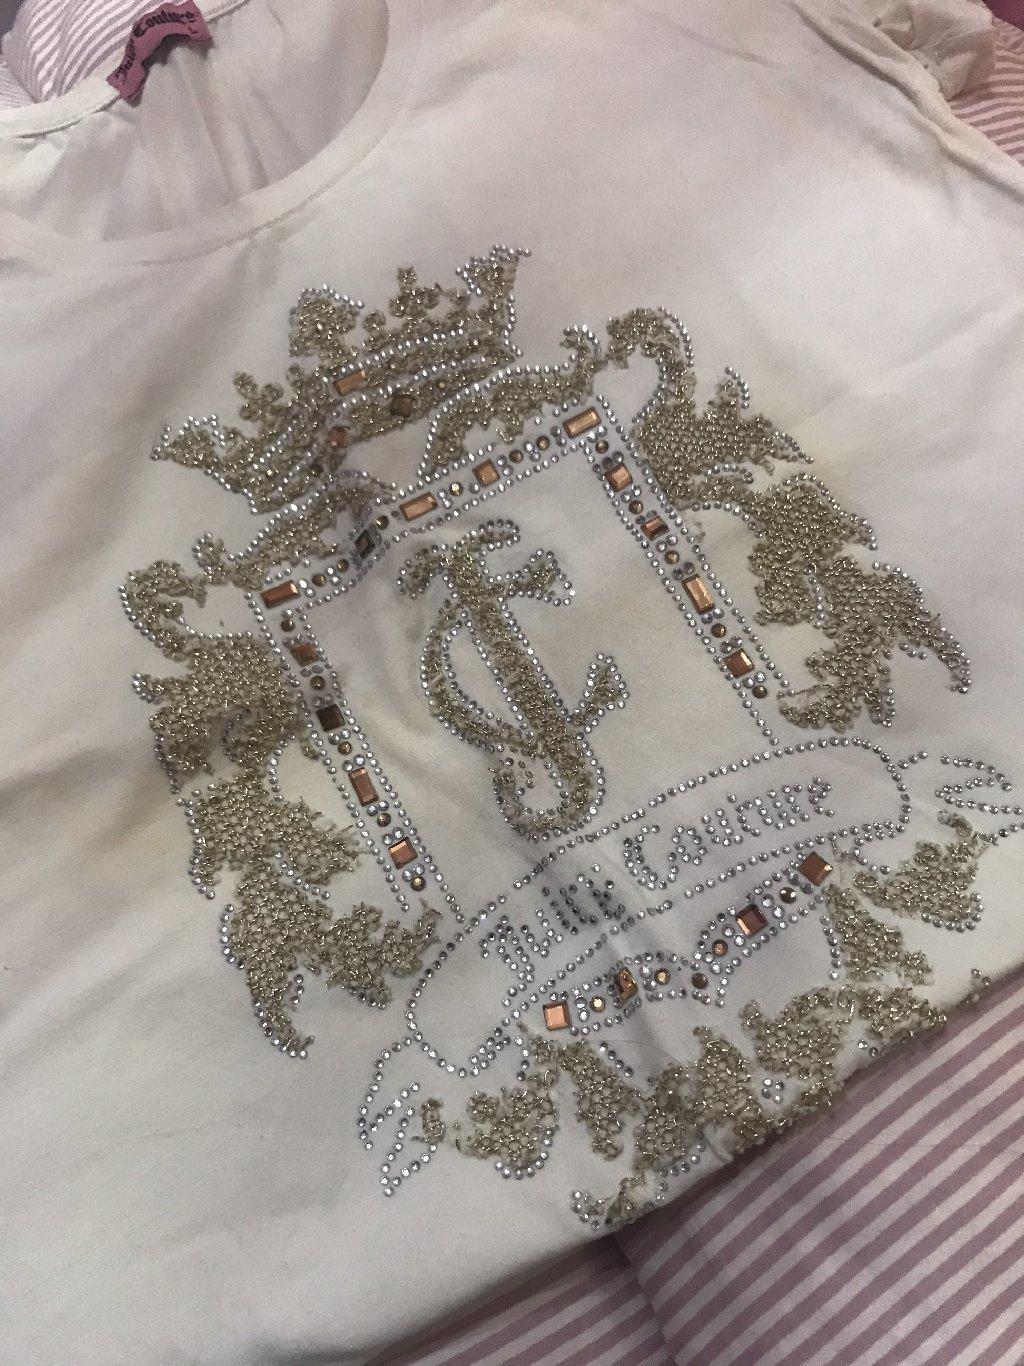 Μπλούζα Juicy Couture, νούμερο L